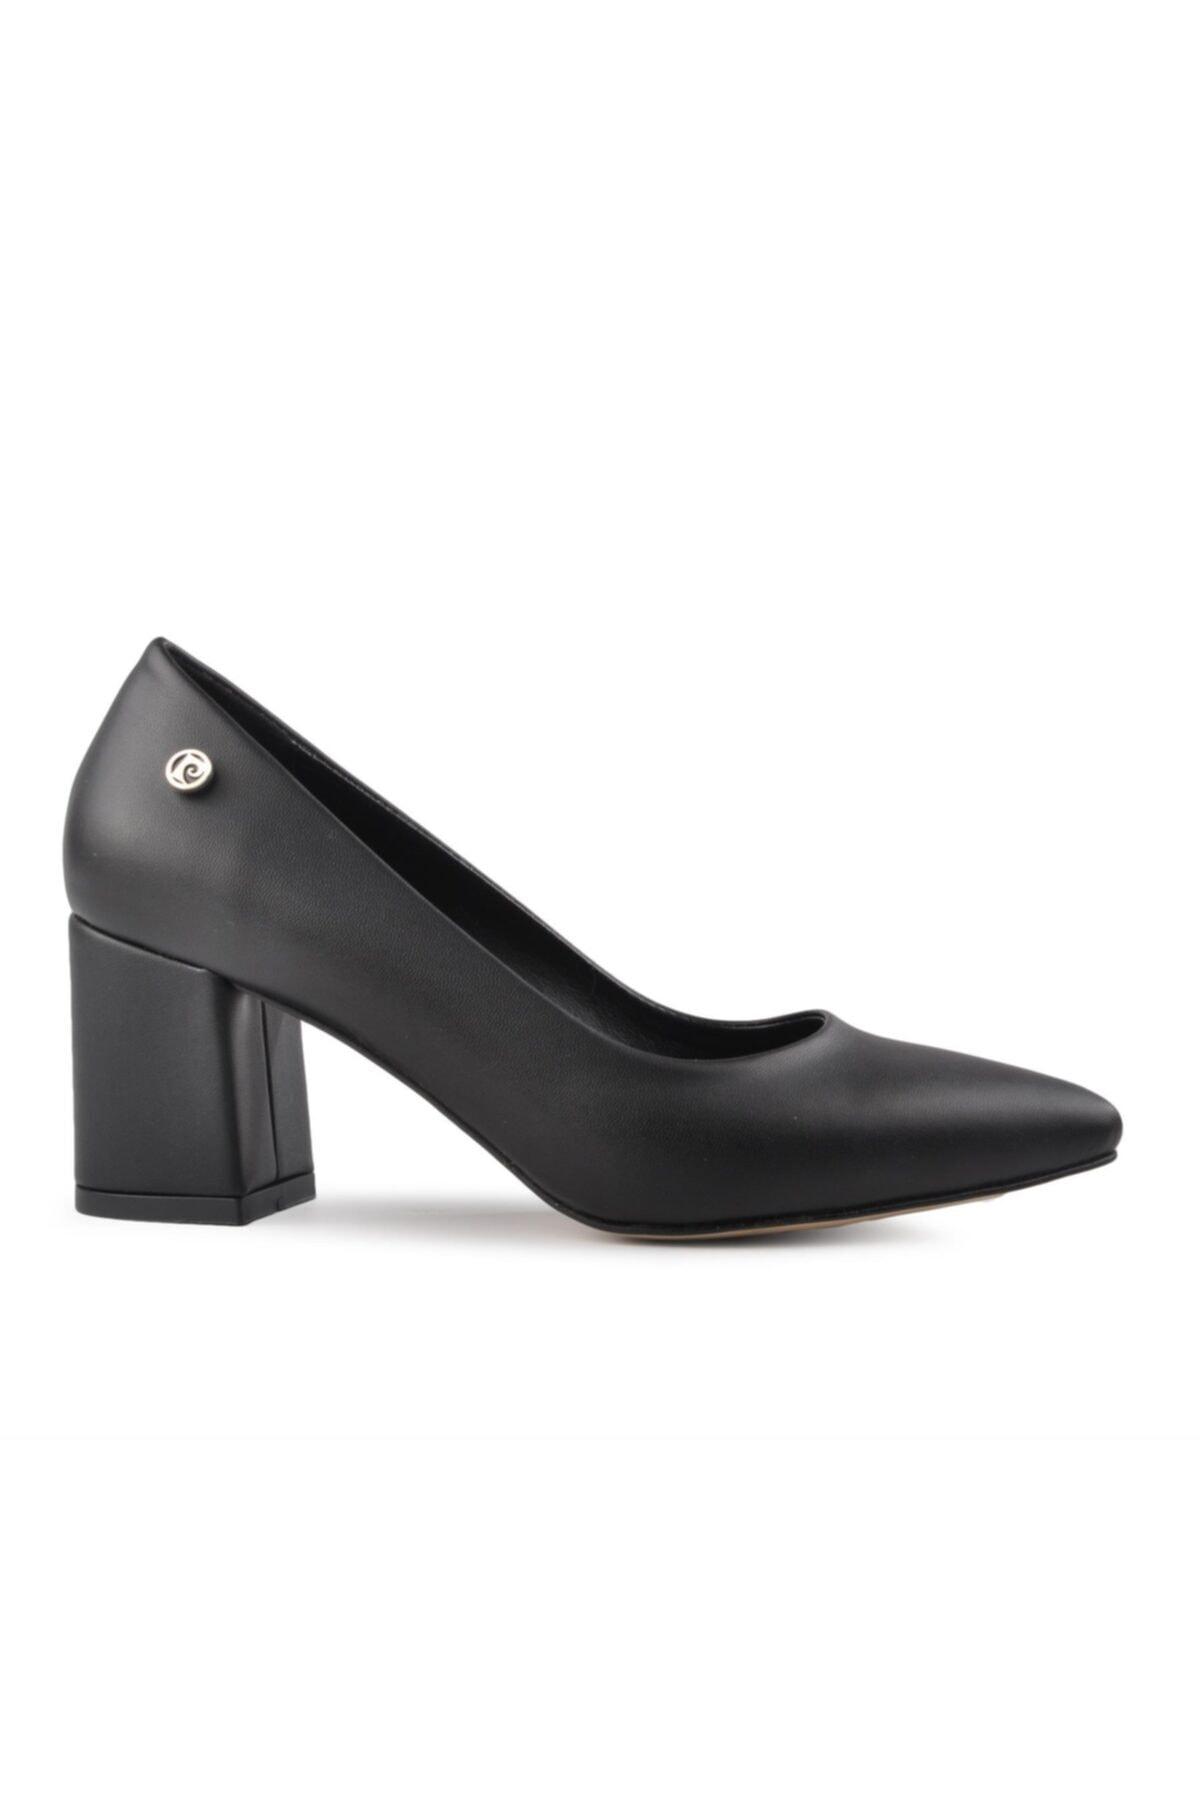 50176 Siyah Kadın Topuklu Ayakkabı